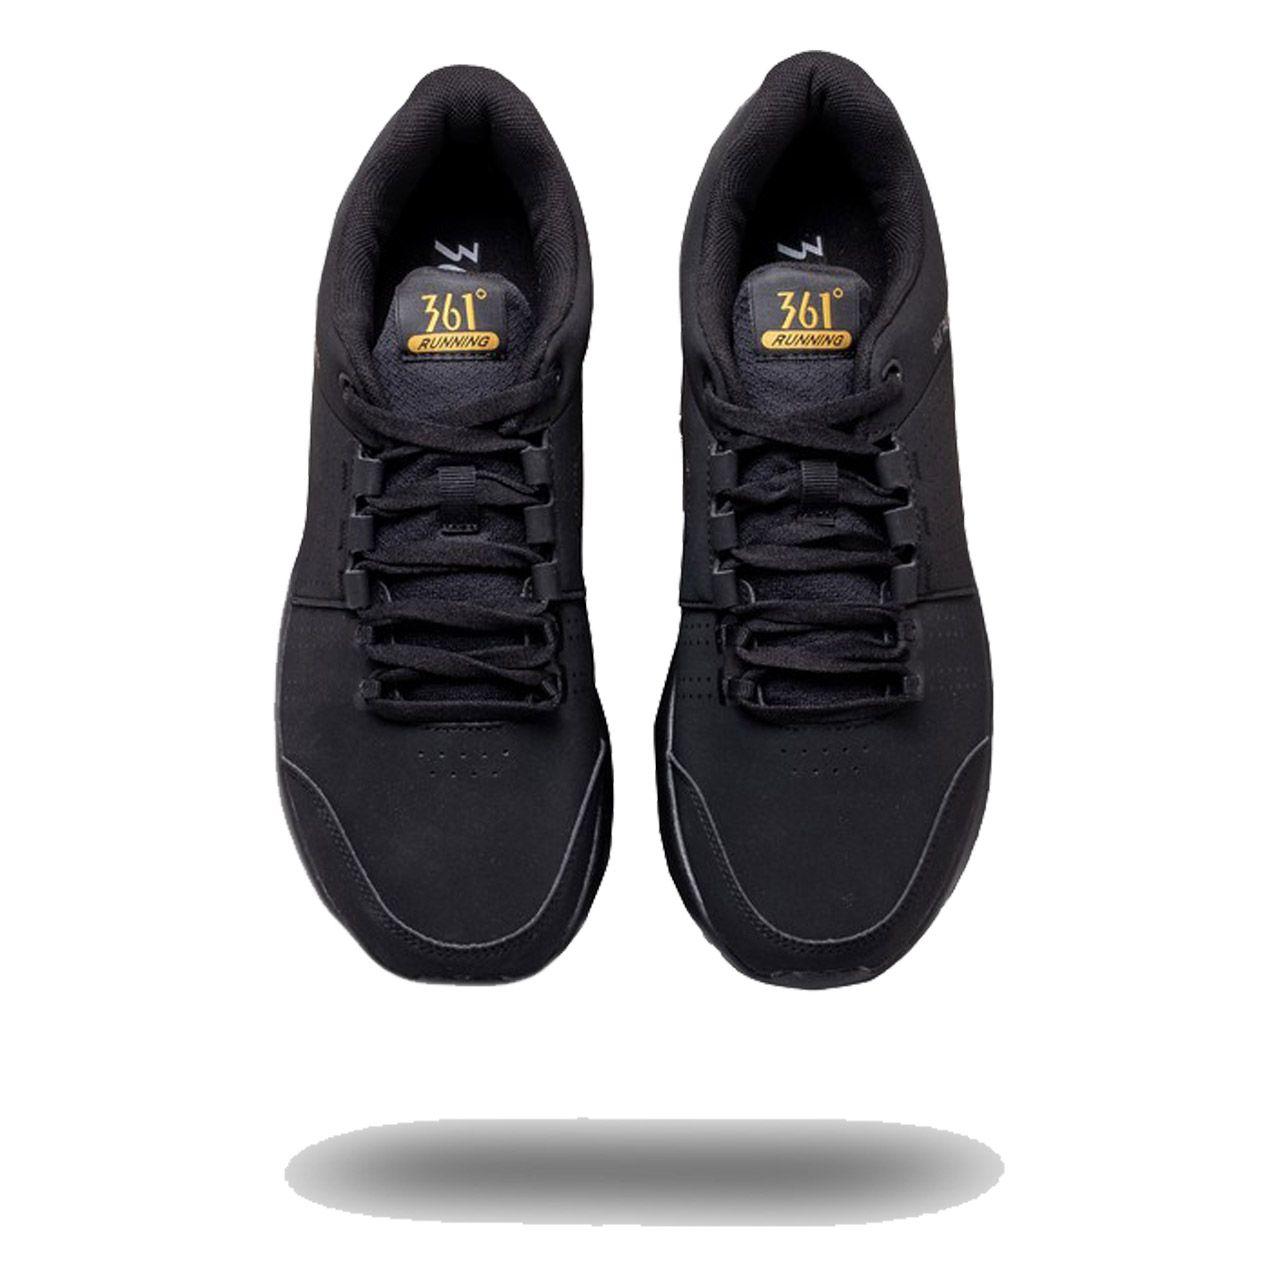 کفش مخصوص پیاده روی مردانه 361 درجه مدل W571842252-4 -  - 3